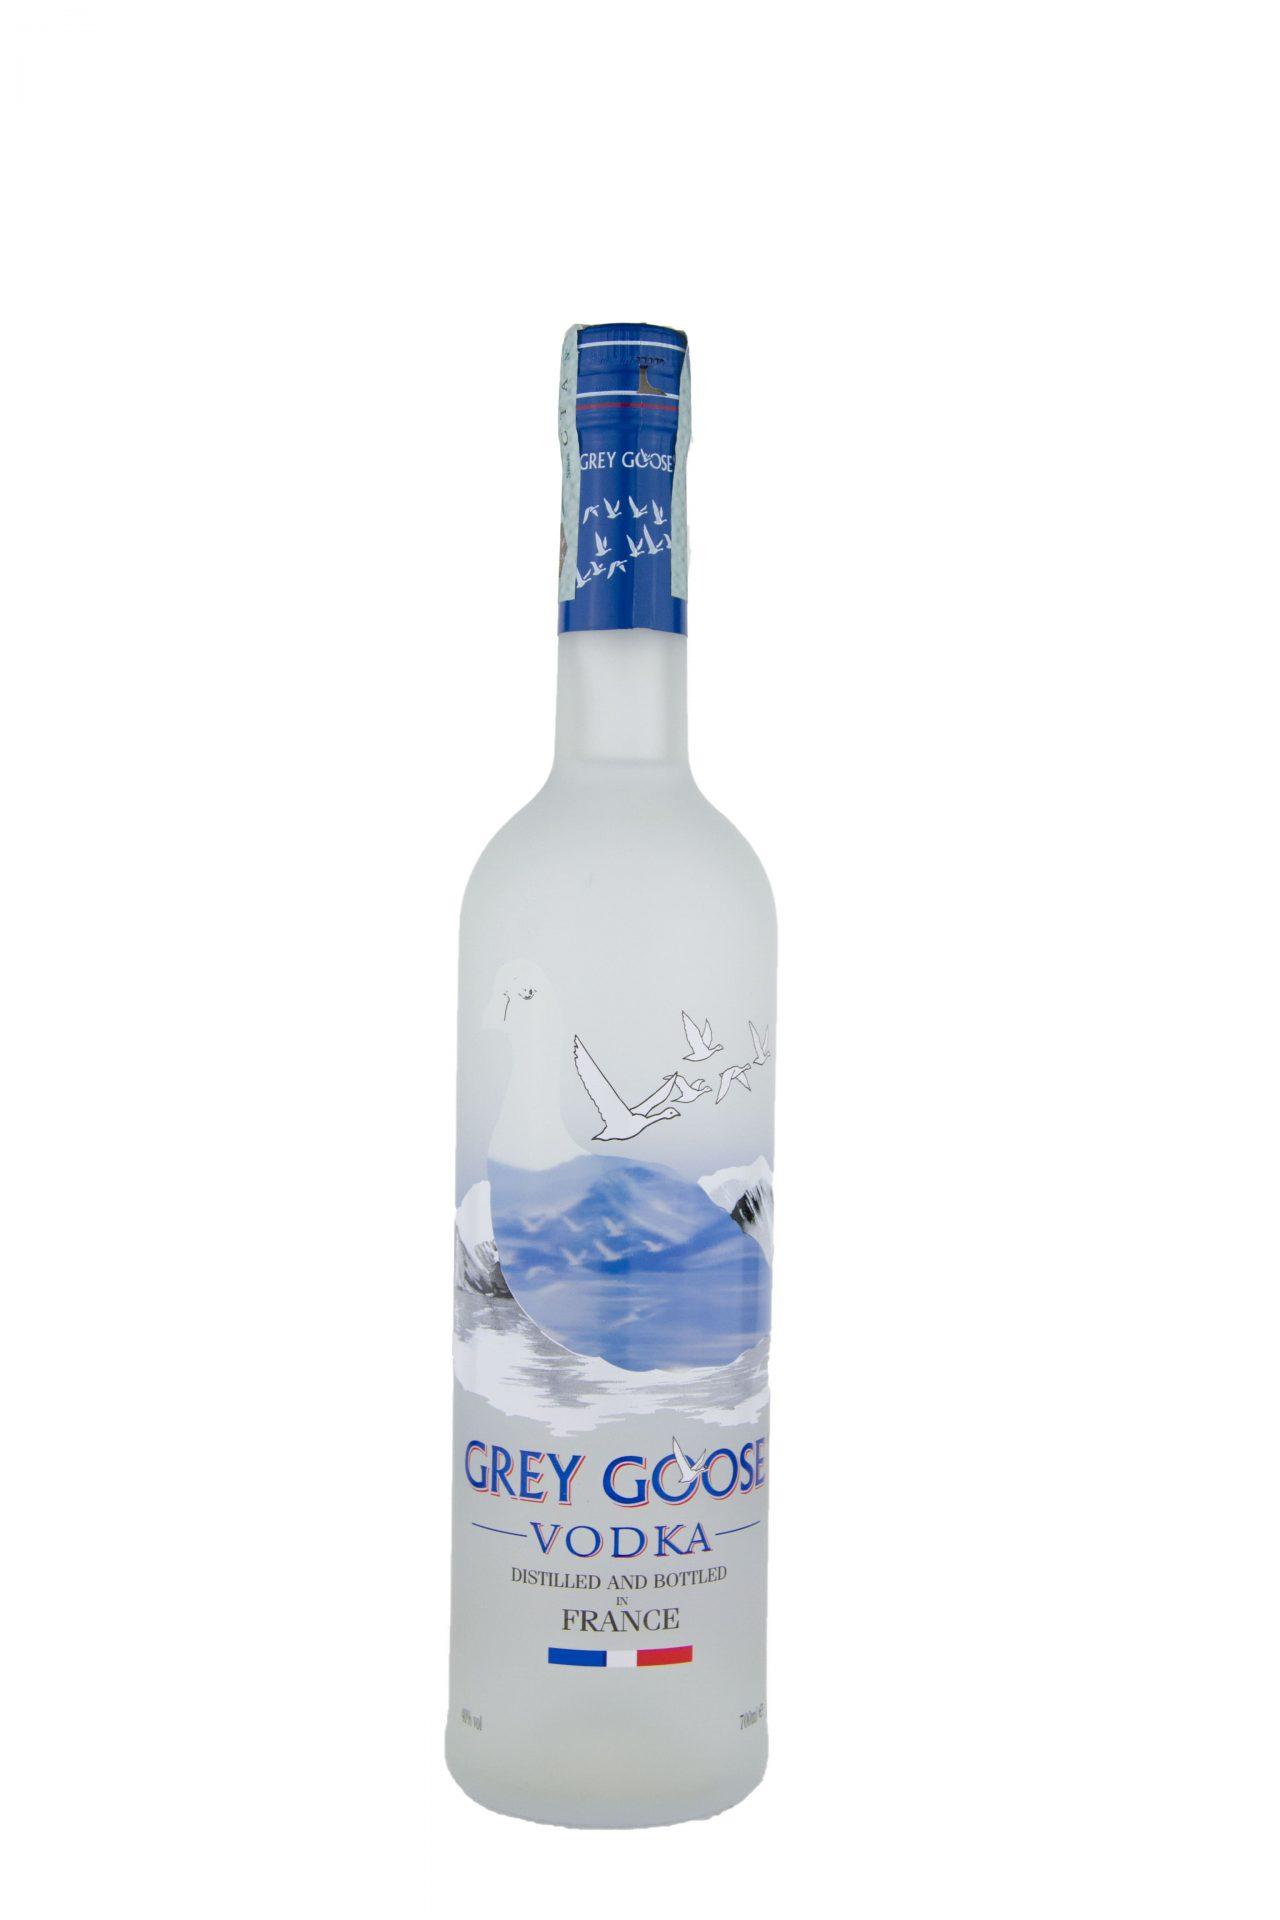 Grey Goose – Vodka